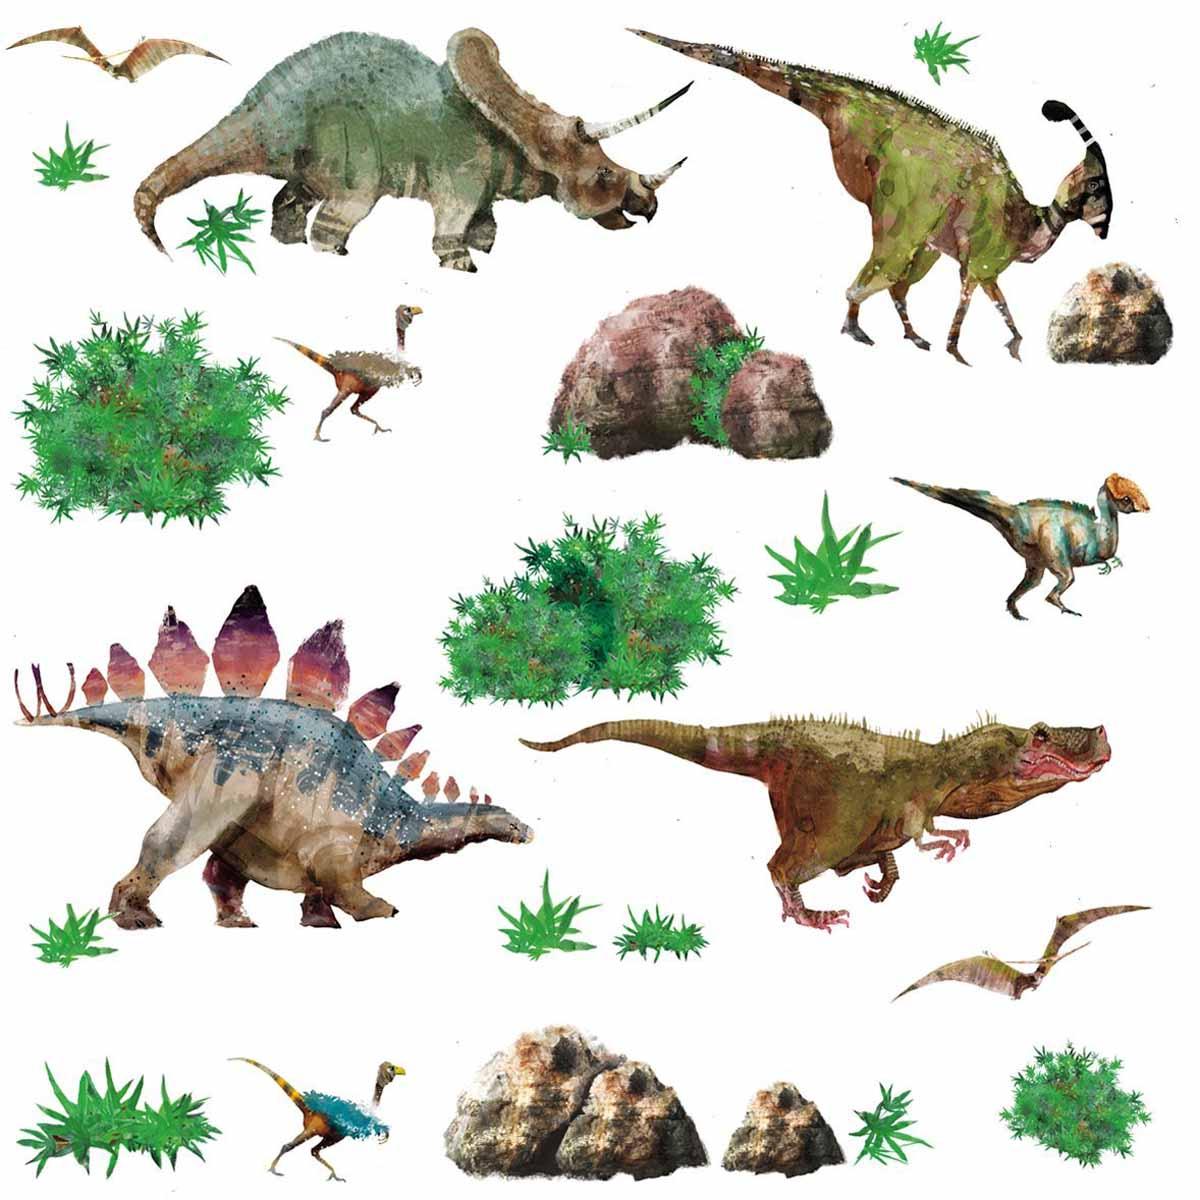 RoomMates Наклейки для декора Динозавры300132Наклейки для декора Динозавры от знаменитого производителя RoomMates станут украшением вашей квартиры! Новый увлекательный набор наклеек для декора приведет в восторг маленьких любителей палеонтологии! Наклейки, входящие в набор, содержат изображения различных динозавров, а также растений, окружающих их. Всего в наборе 25 стикеров. Наклейки не нужно вырезать - их следует просто отсоединить от защитного слоя и поместить на стену или любую другую плоскую гладкую поверхность. Наклейки многоразовые: их легко переклеивать и снимать со стены, они не оставляют липких следов на поверхности. В каждой индивидуальной упаковке вы можете найти 4 листа с различными наклейками! Таким образом, покупая наклейки фирмы RoomMates, вы получаете гораздо больший ассортимент наклеек, имея возможность украсить ими различные поверхности в доме.